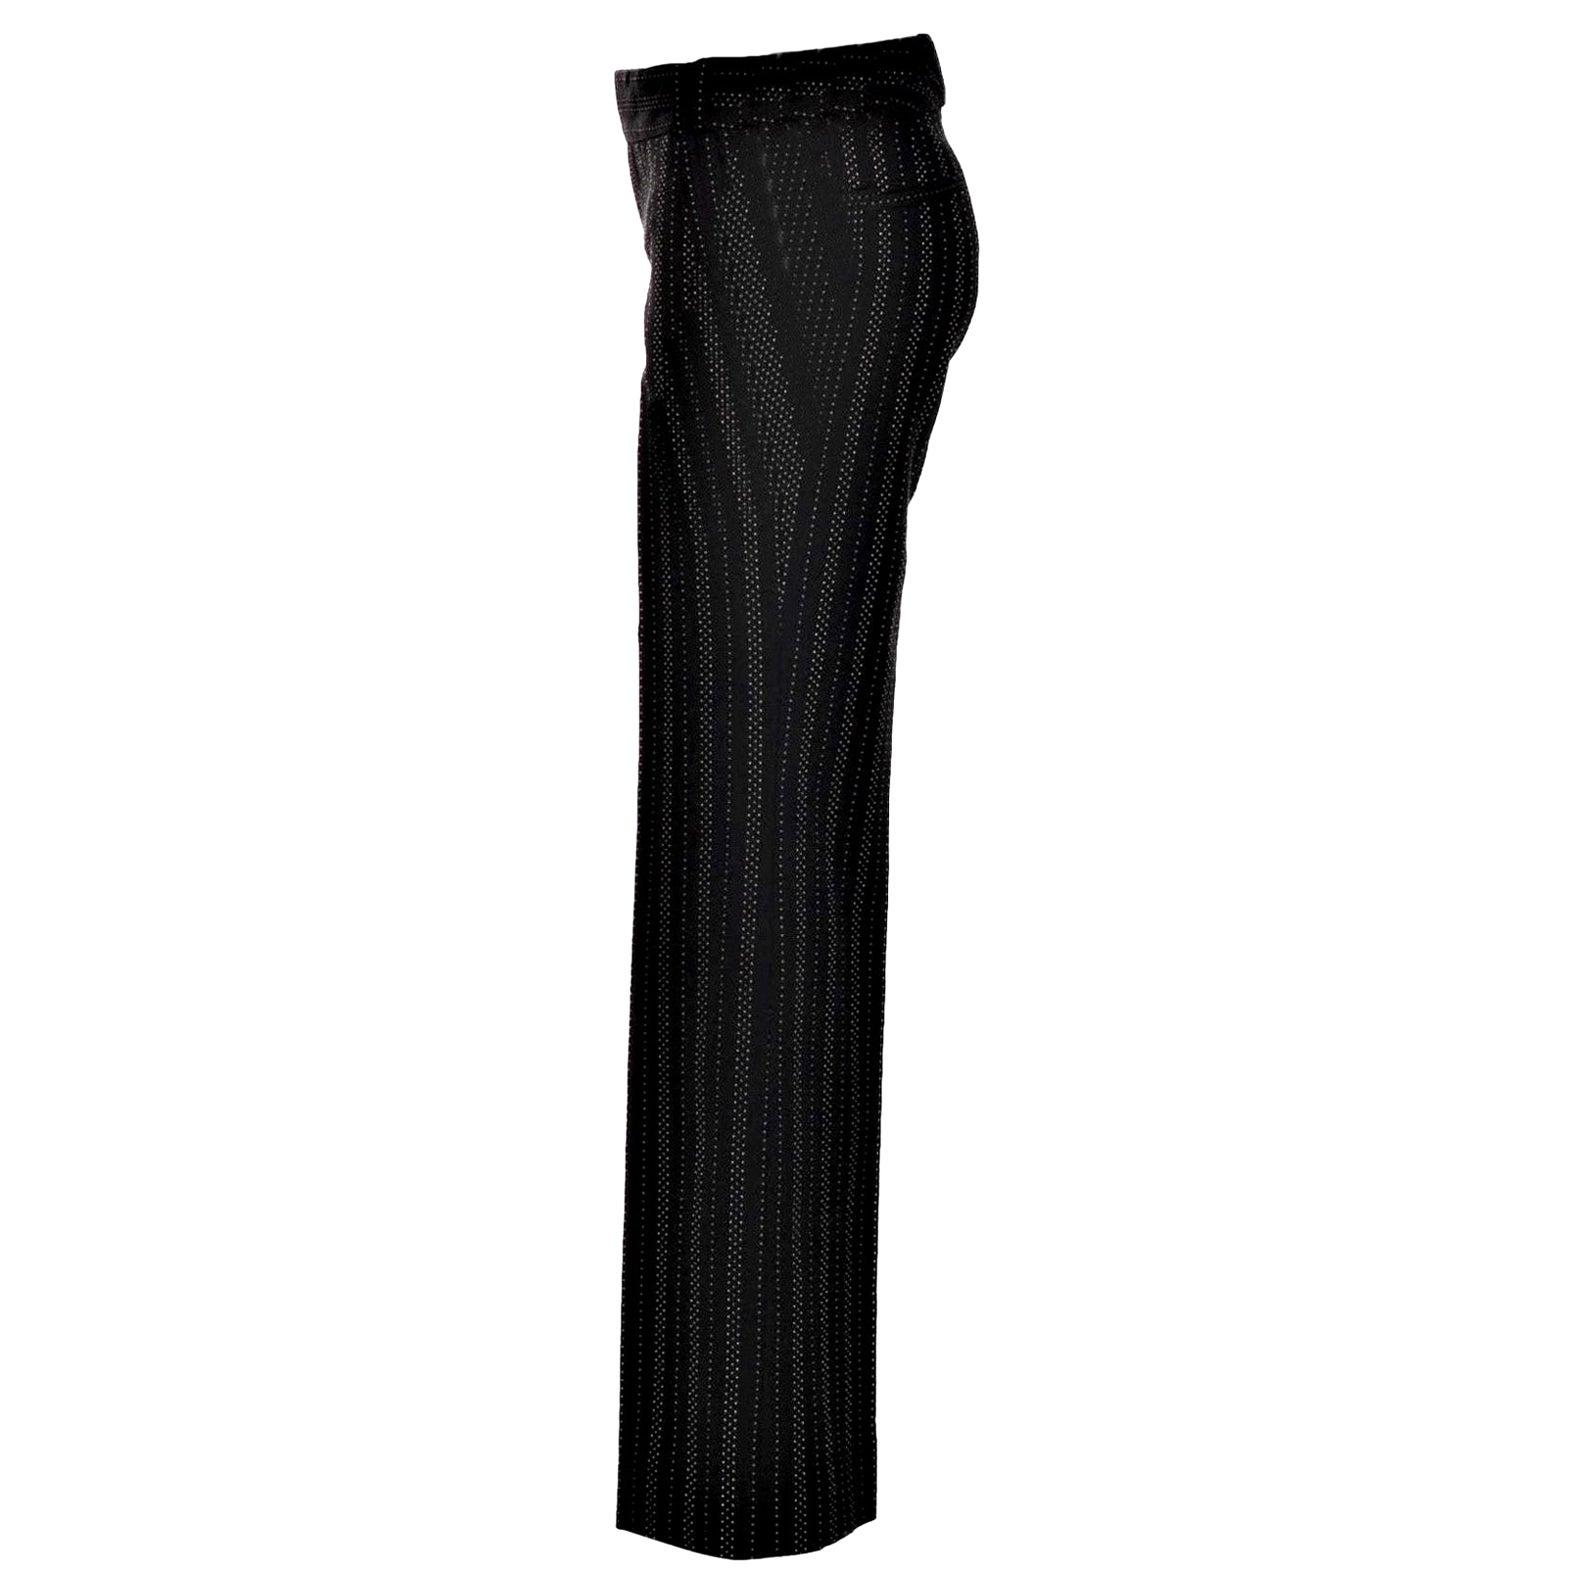 New Gucci 90th Anniversary Wool Runway Pants F/W 2011 Sz 40